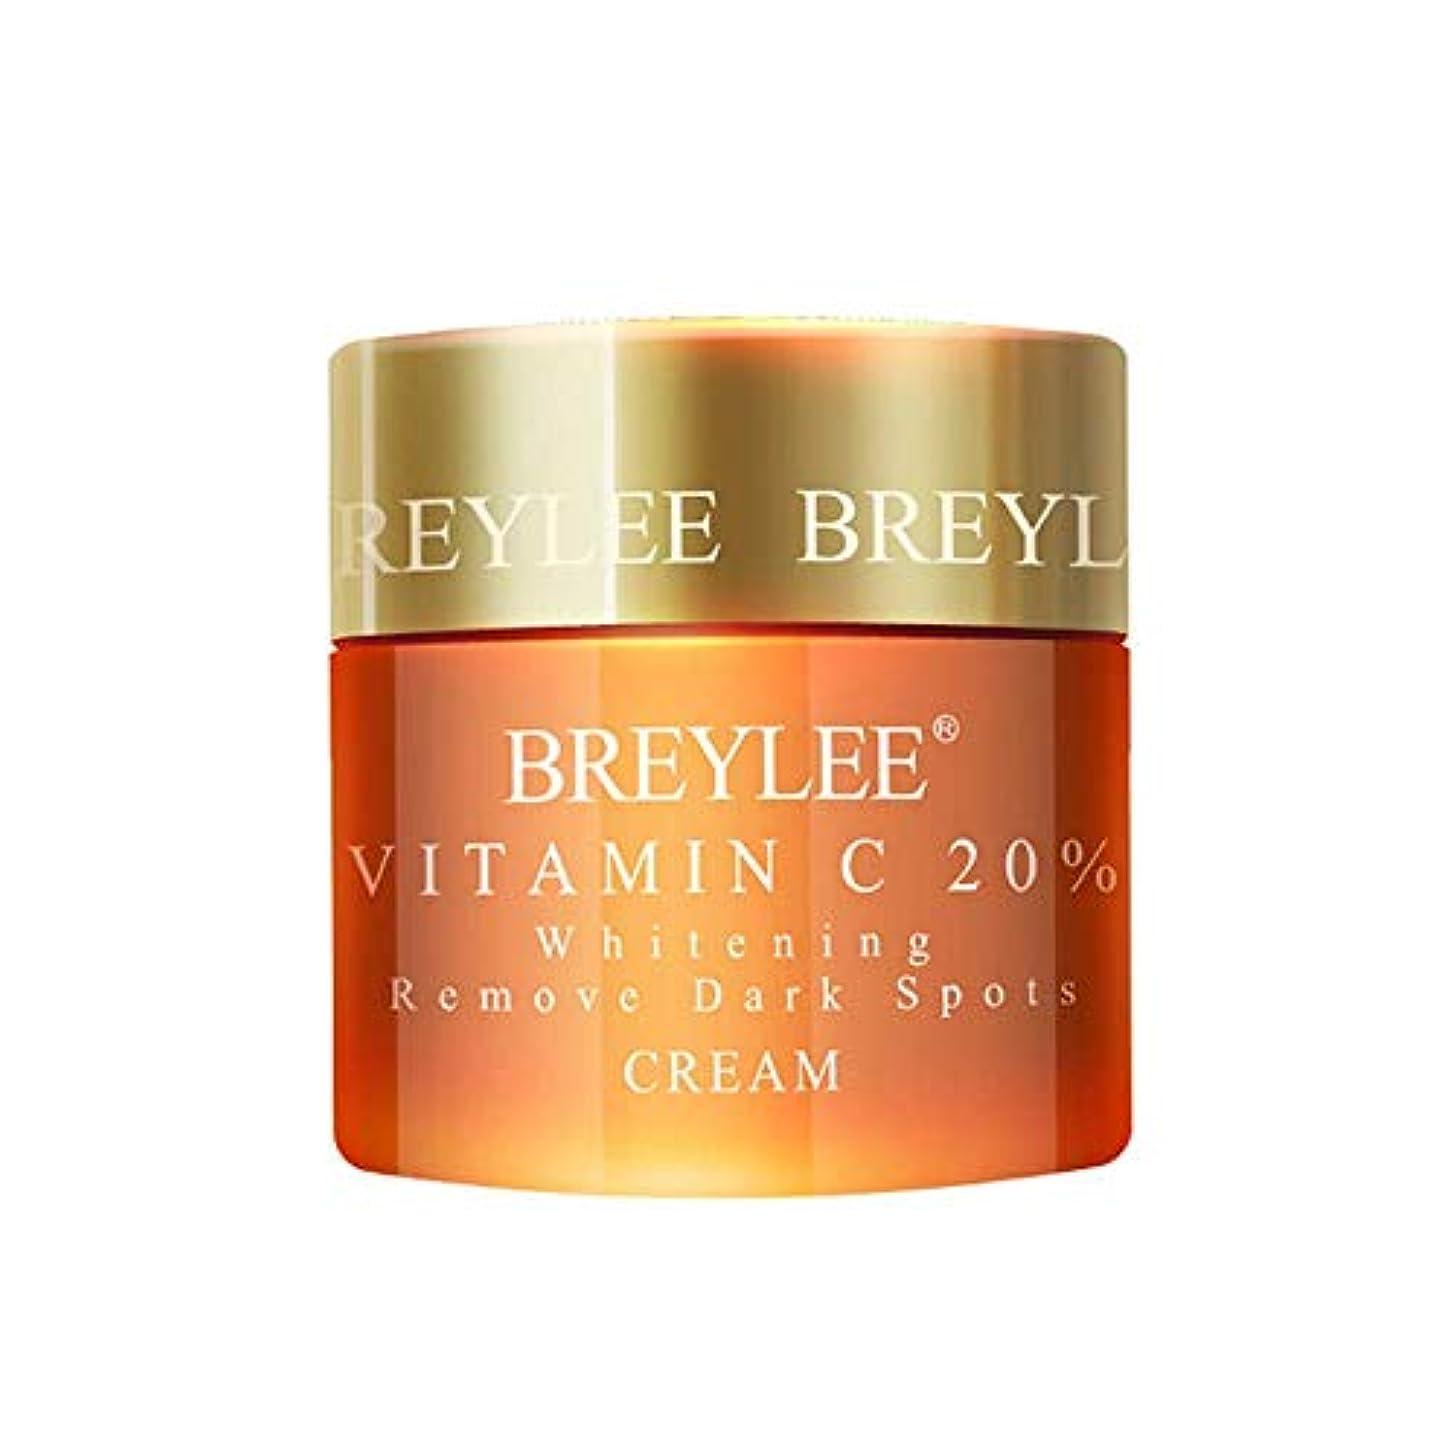 メンター移民ブラインドBREYLEE ヒアルロン酸 保湿クリーム 20%ビタミンC配合 美白 皮膚の引き締め (ビタミンC)